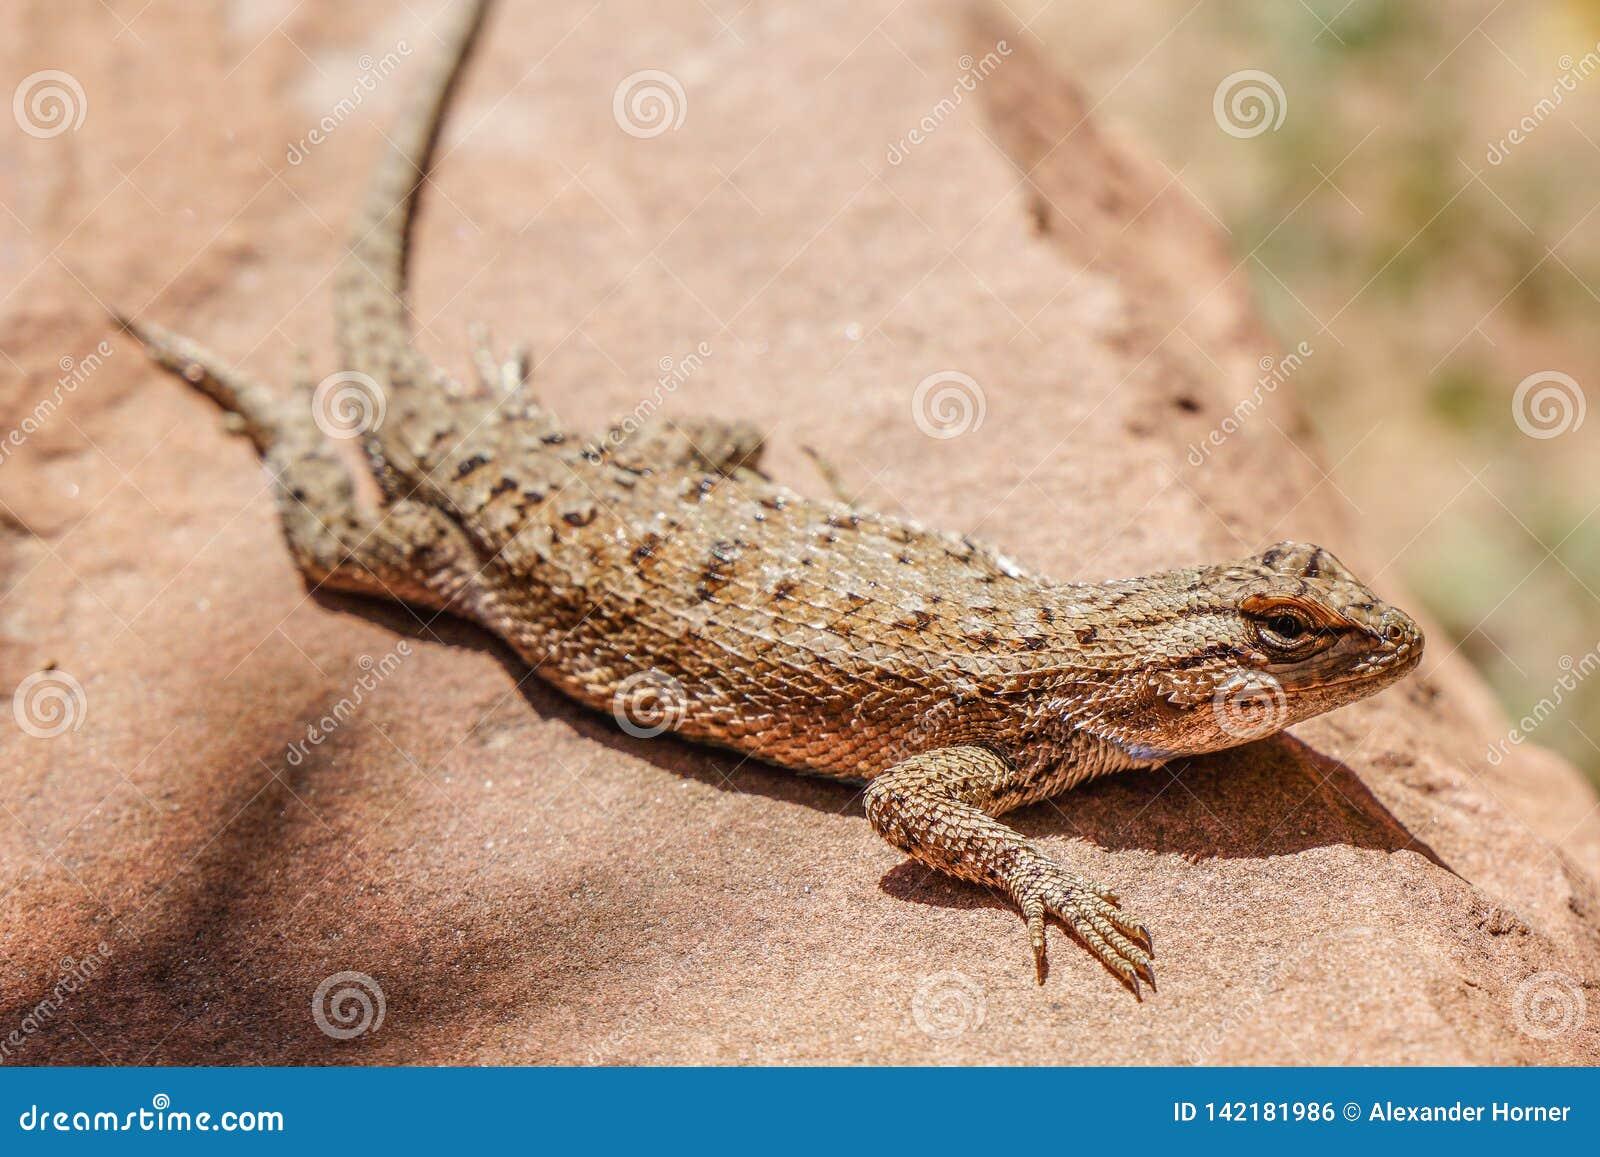 Desert lizard sitting in sun